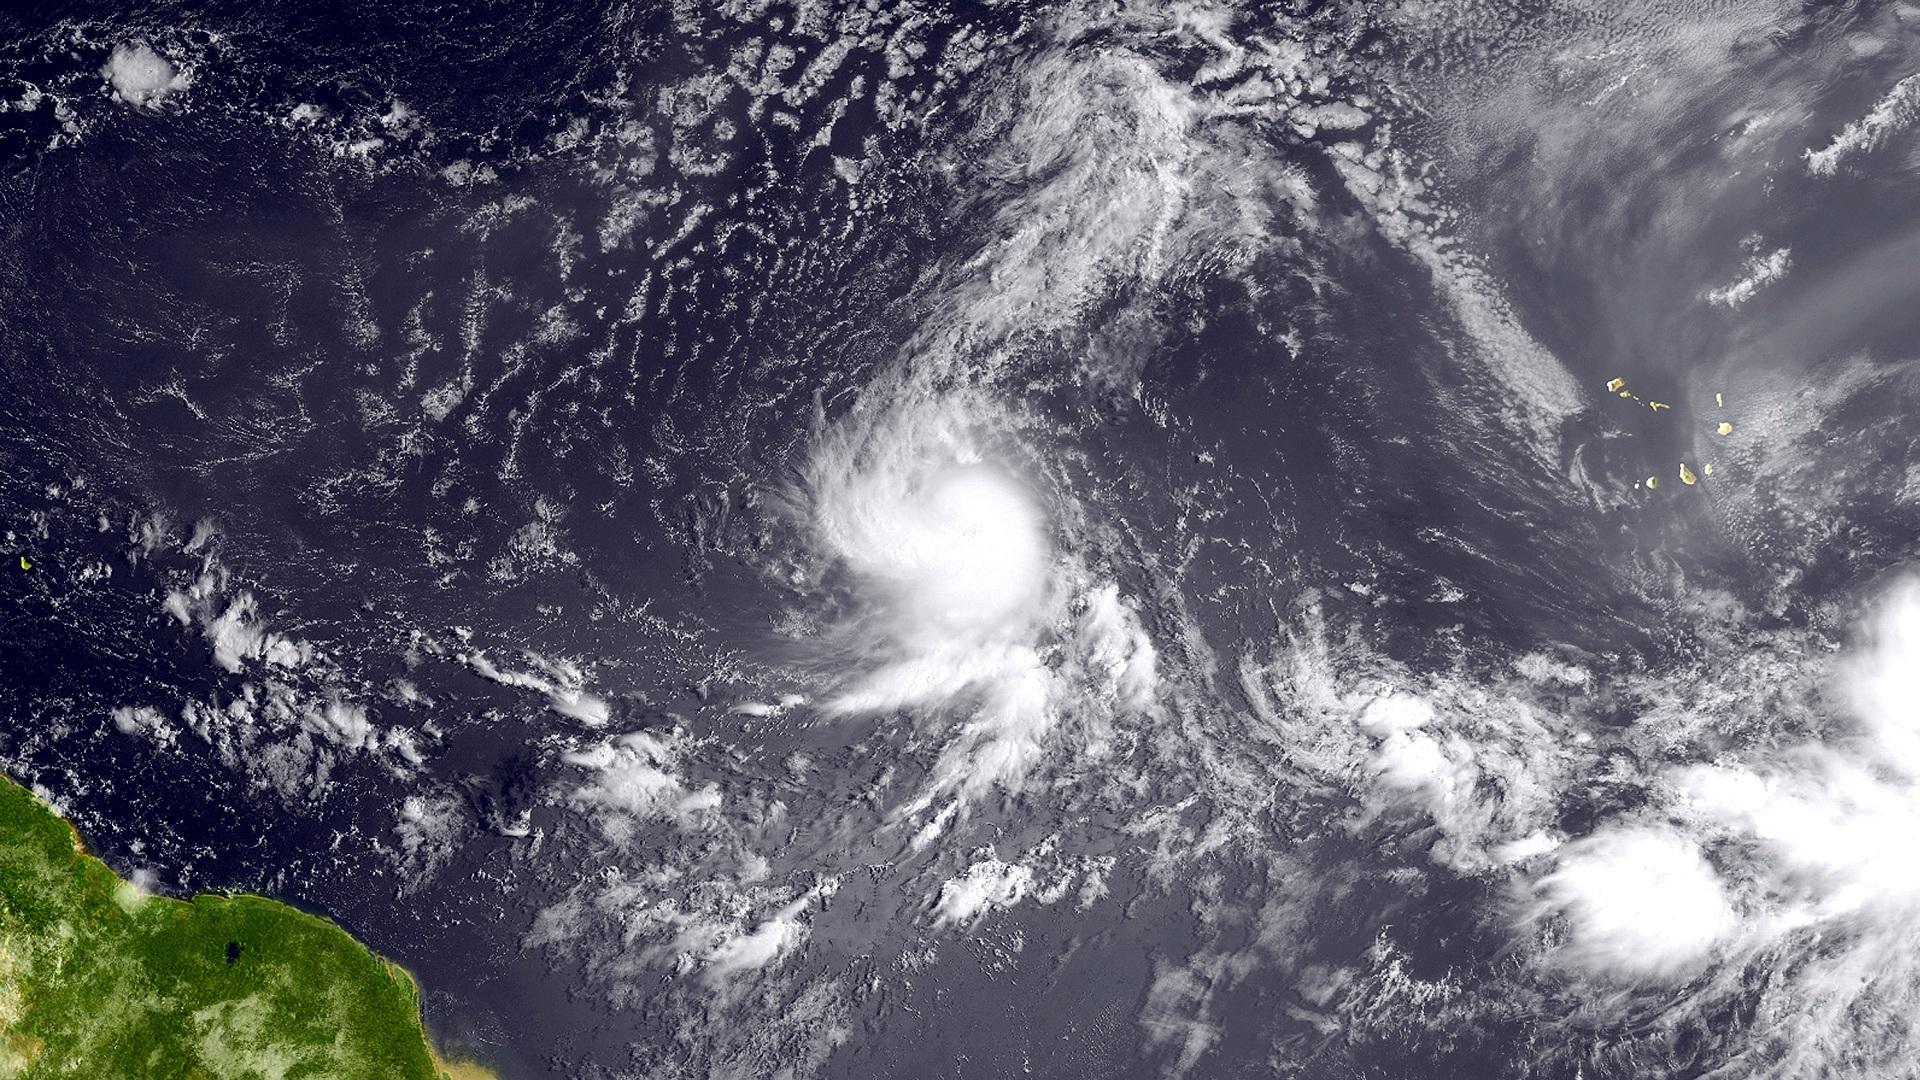 توقعات بتحول العاصفة لورينزو إلى إعصار فوق المحيط الأطلسي